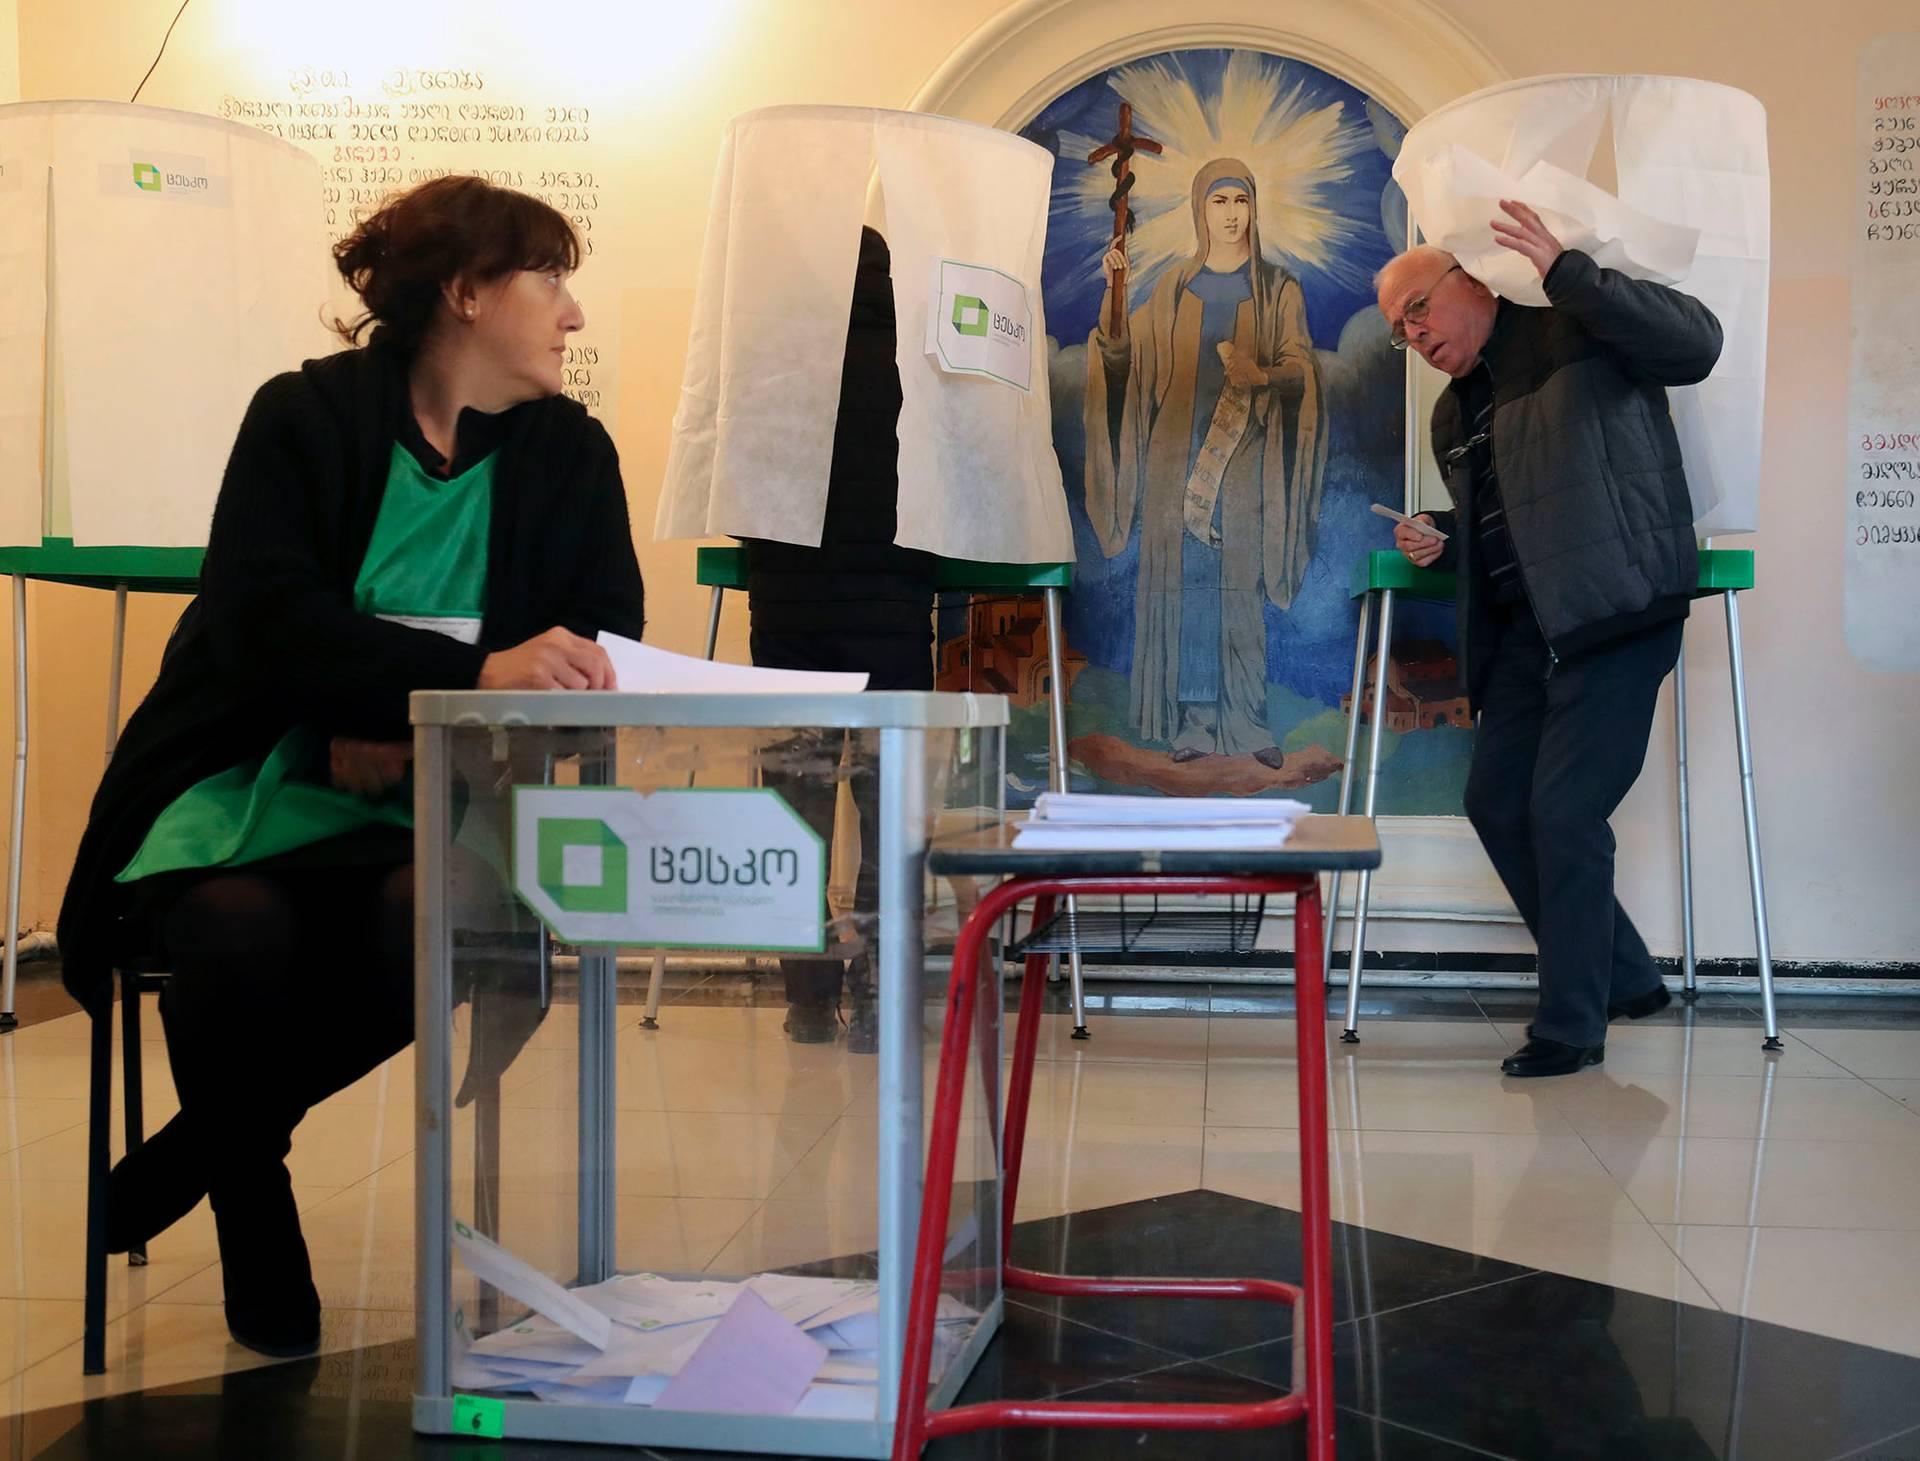 Виборча дільниця у у Тбілісі під час другого туру президентських виборів, Грузія, 28 листопада 2018 року